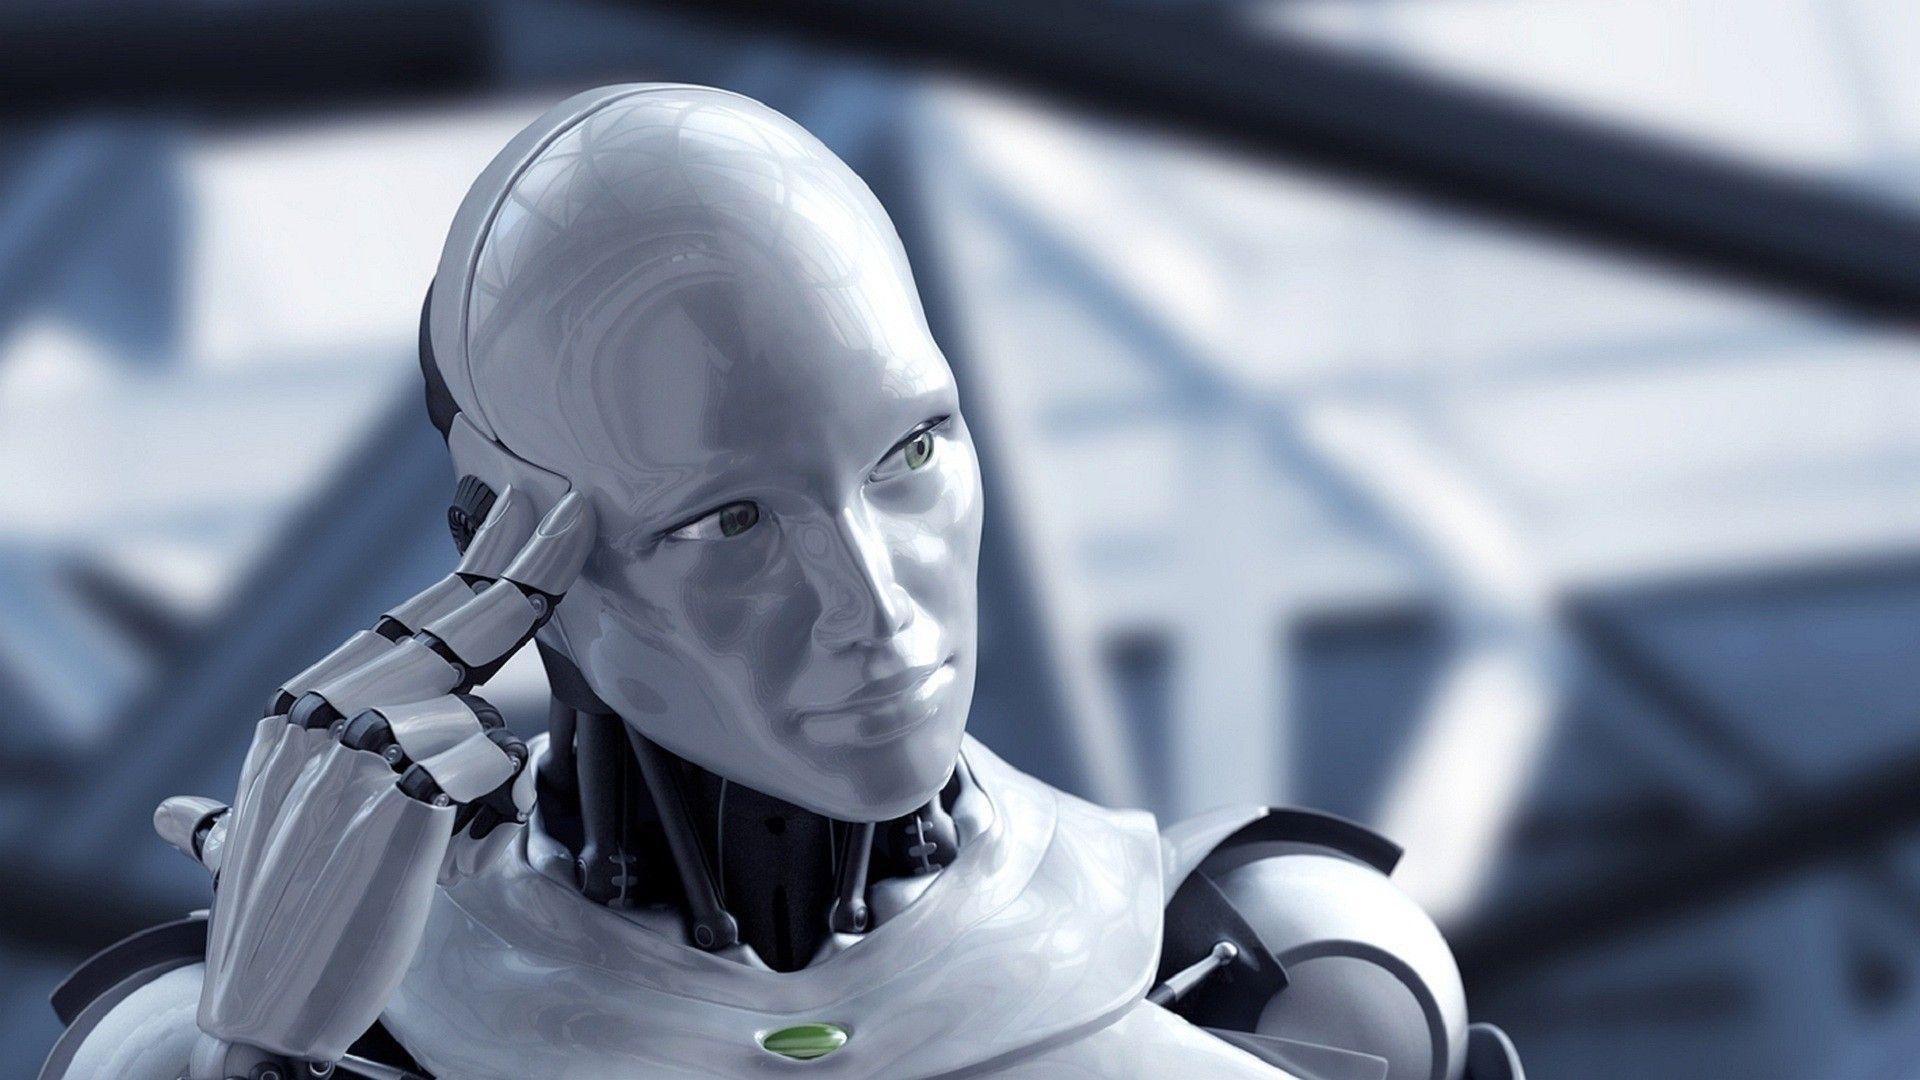 HD Robot Wallpapers | HD Wallpapers | Pinterest | Robot, Hd ..